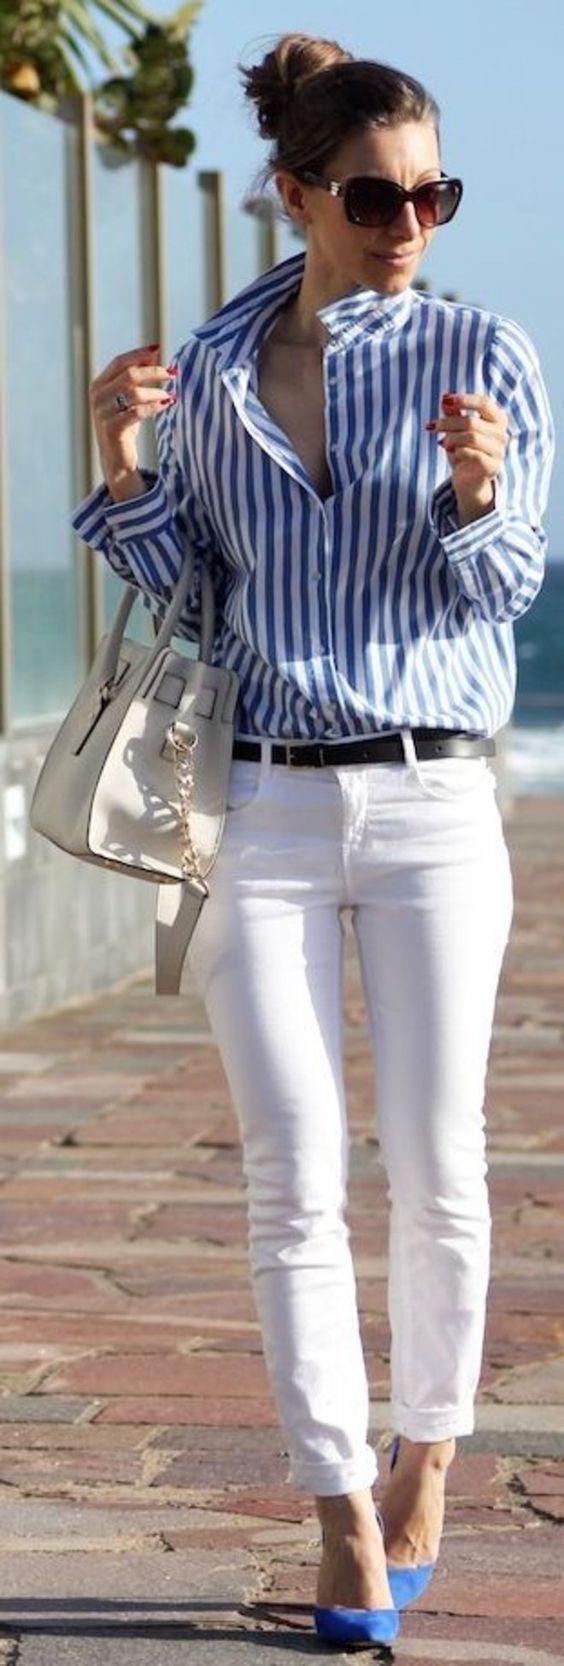 Camisa de alfaiataria, listras do tipo risca de giz e cores básicas, como azul clarinho e branco: